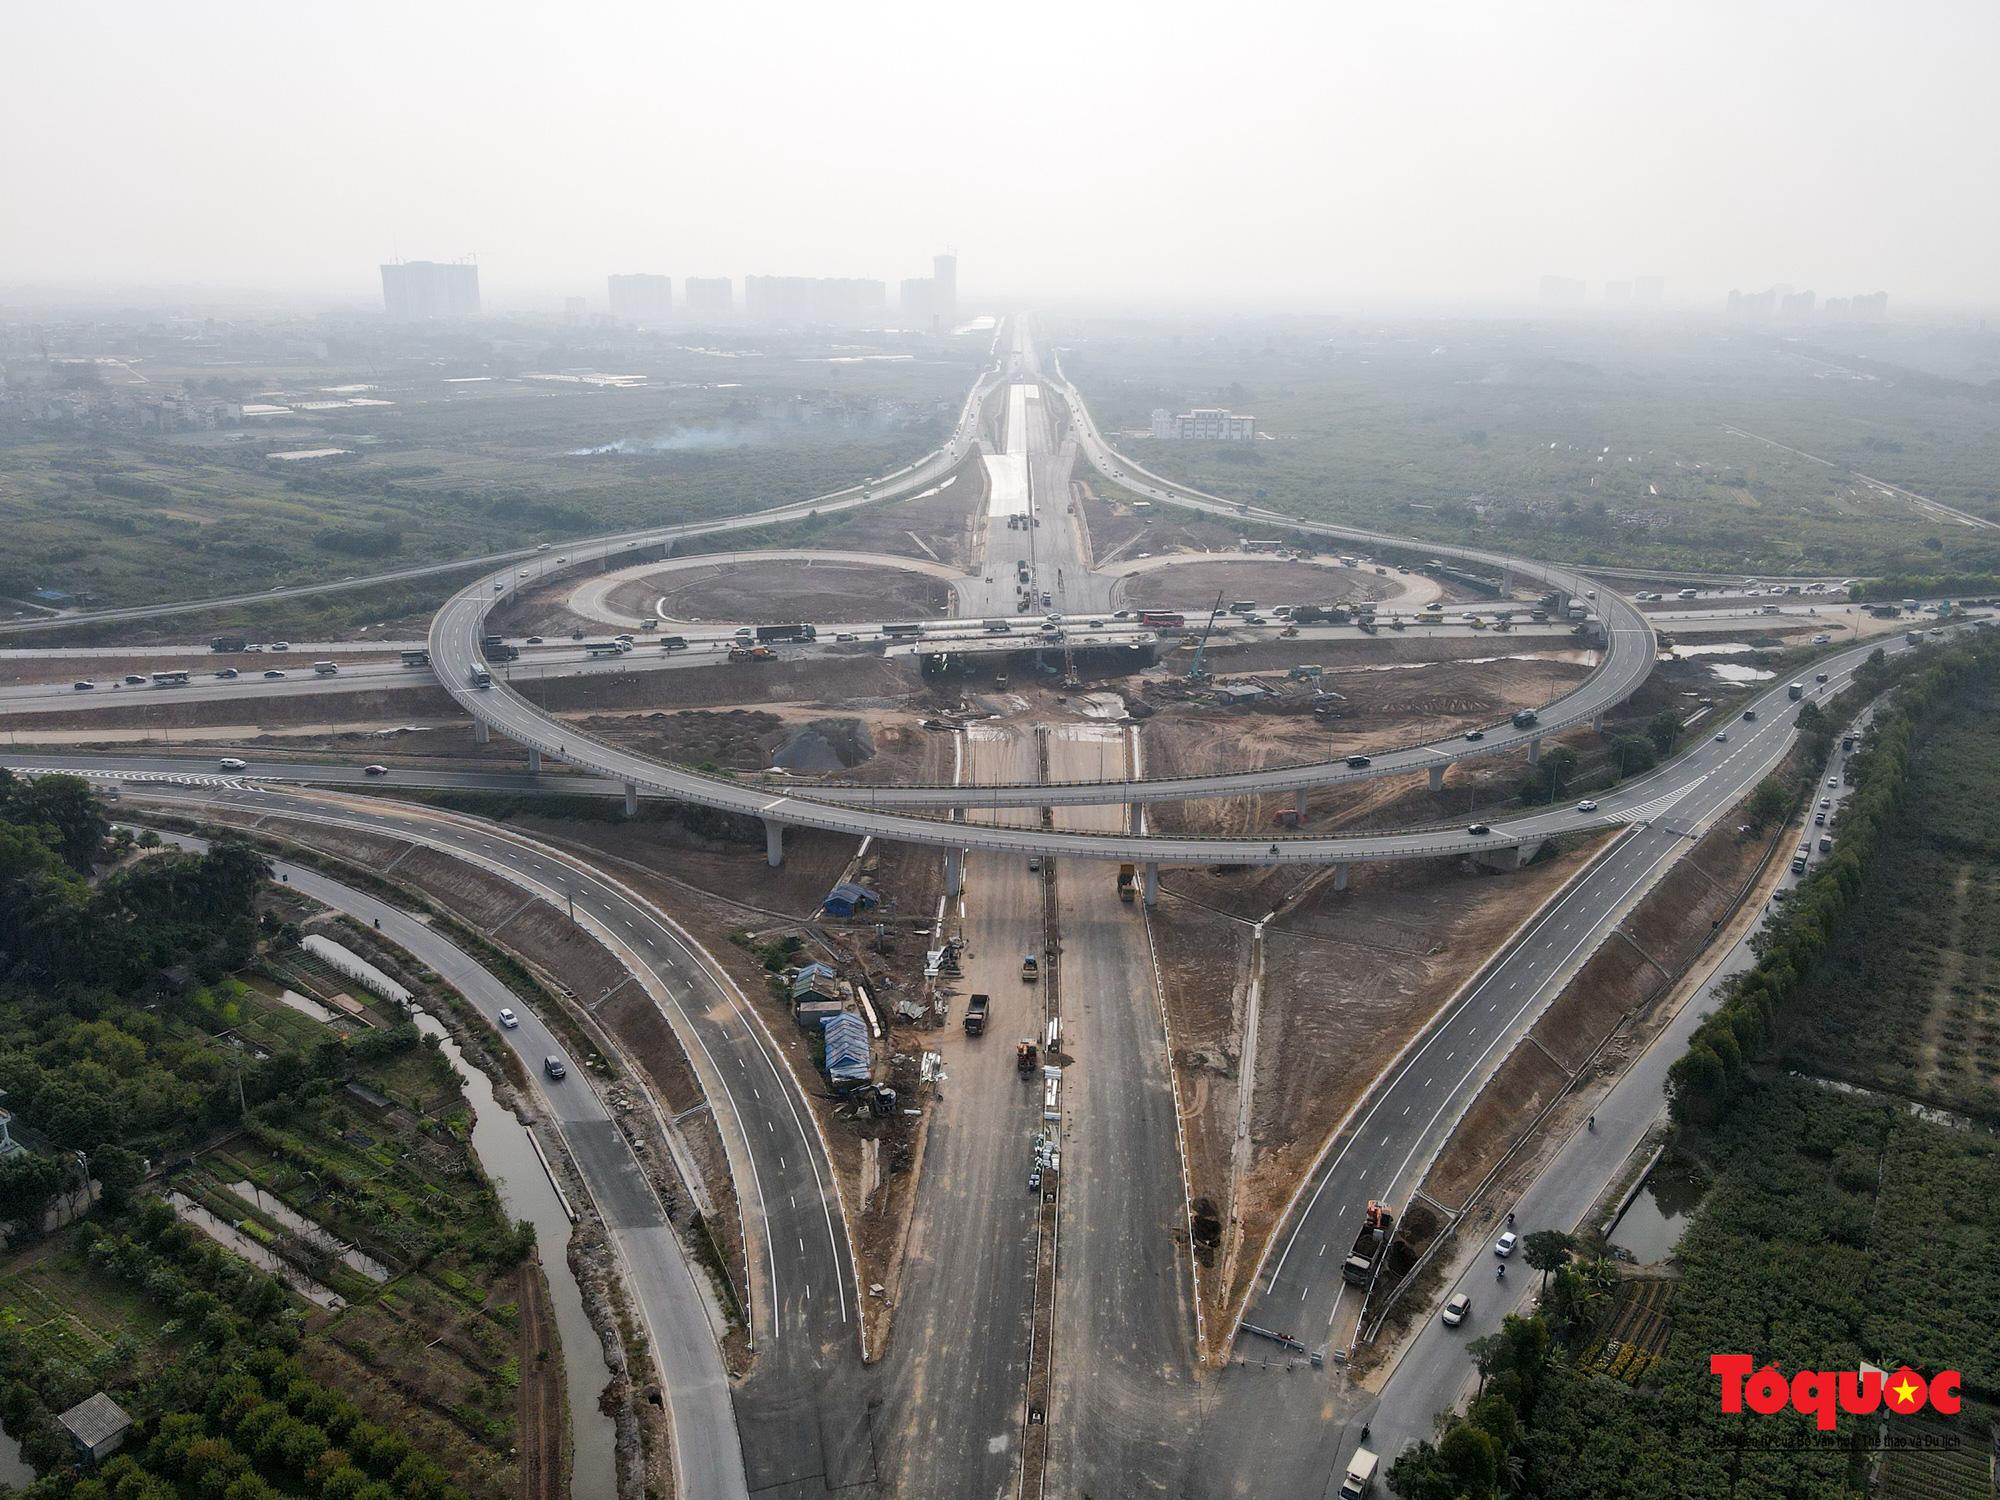 Dấu ấn những công trình giao thông tạo nên diện mạo mới cho Thủ đô Hà Nội năm 2020 - Ảnh 15.